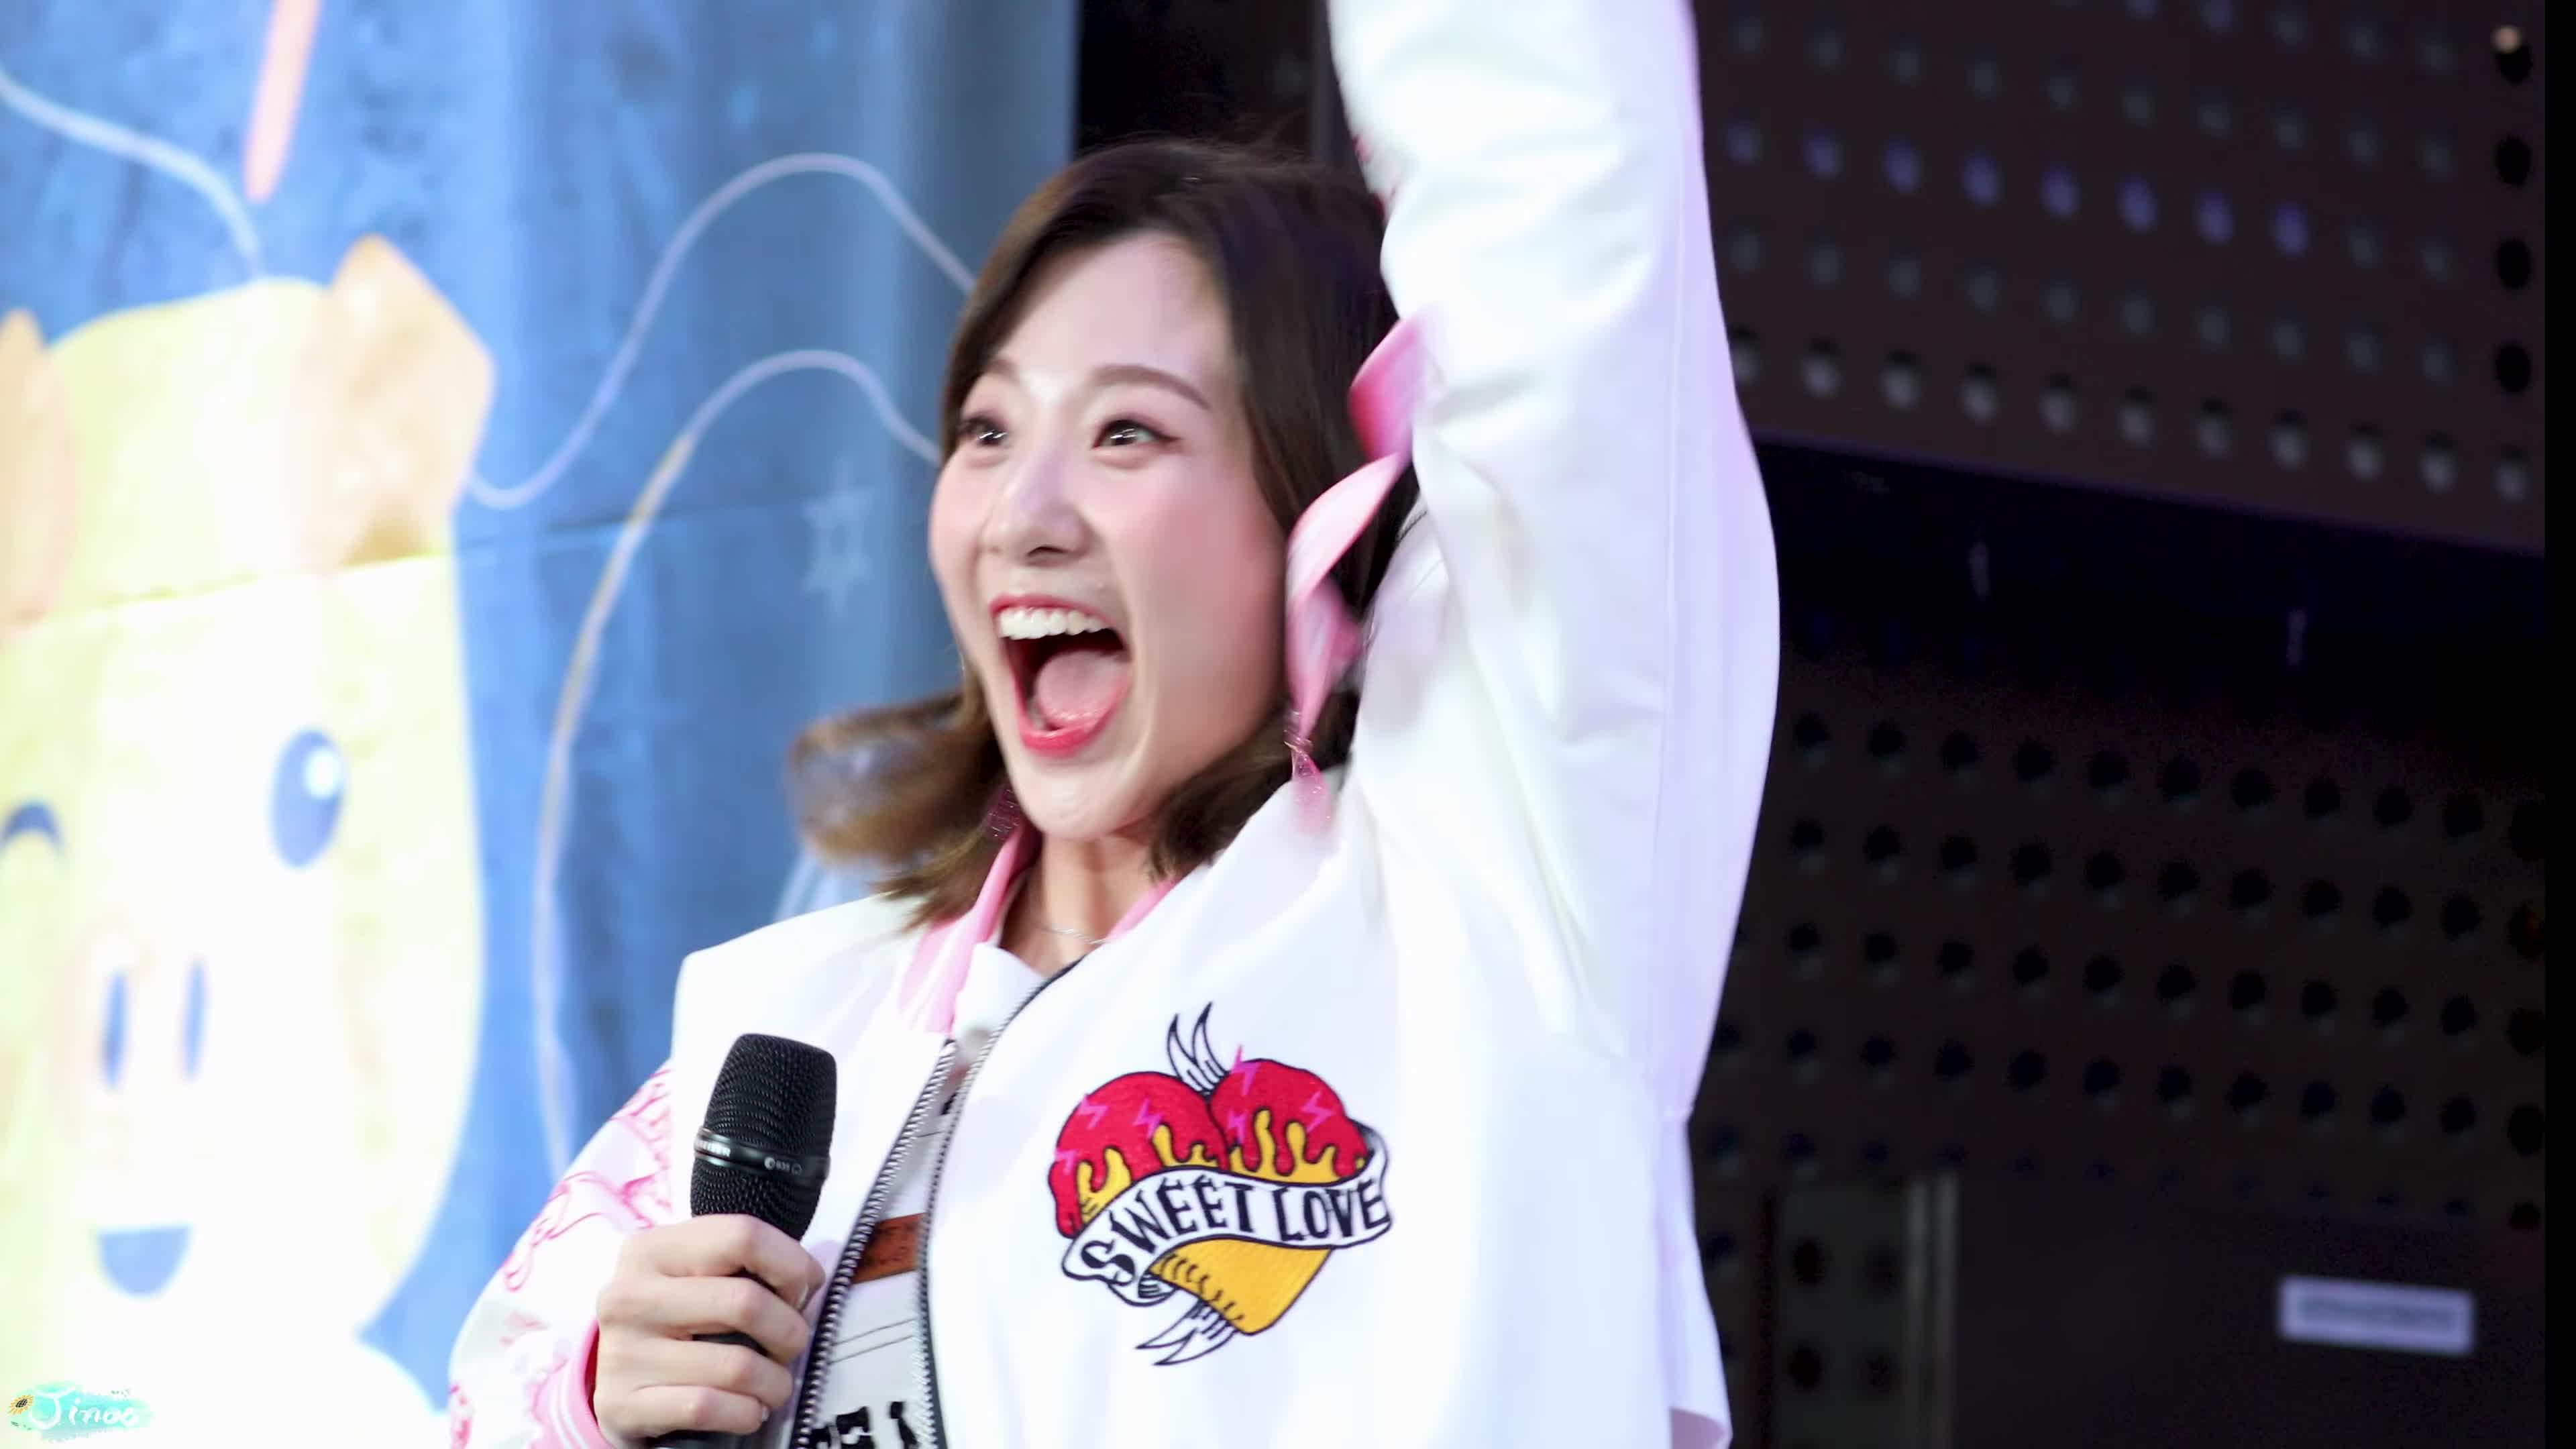 Ahn Ji, Ahn Ji Yeong, Ahn Ji-young, BOL4, Bolbbalgan4, Entertainment, Jinoo 95, Woo Ji Yun, fancam, 볼빨간사춘기, 안지영, 우지윤, [4K] 181222 바뀐 응원법에 당황한 안지영 '여행' 직캠 Bol4 'Travel' fancam (토요일은 청이 좋아) by Jinoo GIFs